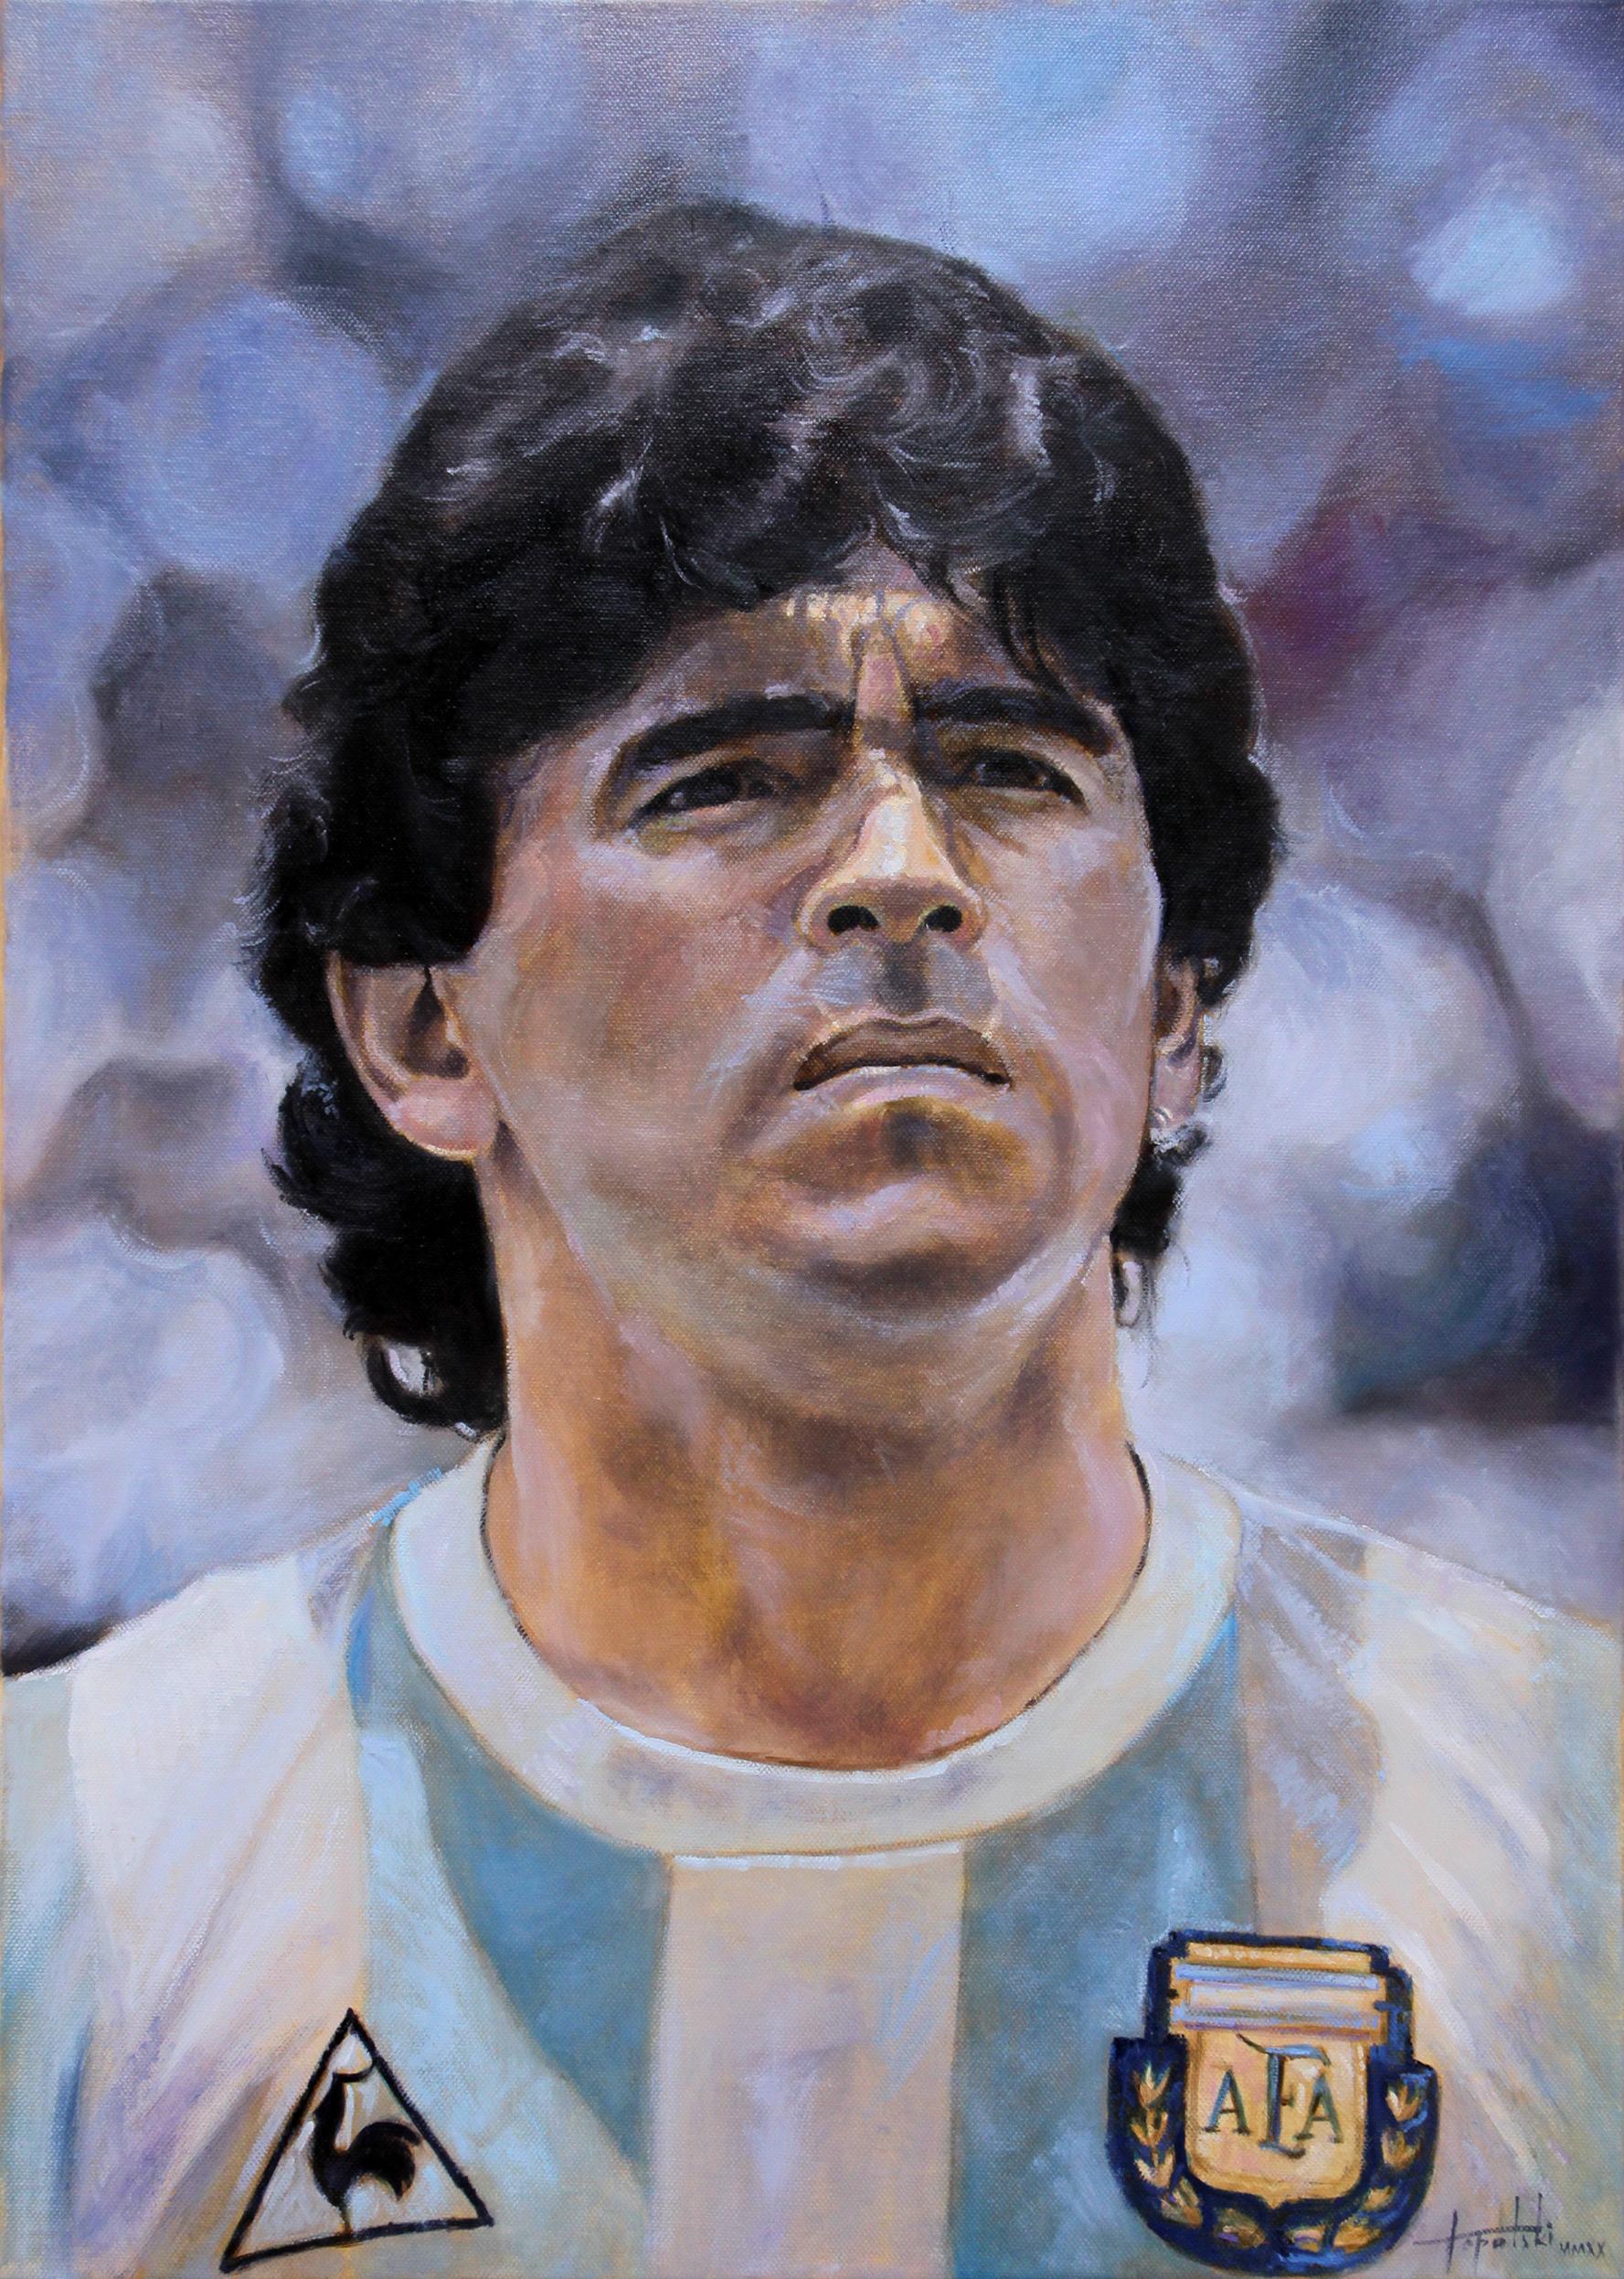 Umetnička slika - Diego Armando Maradona - Portret 70x50cm Ulje na platnu - umetnik Darko TOPALSKI